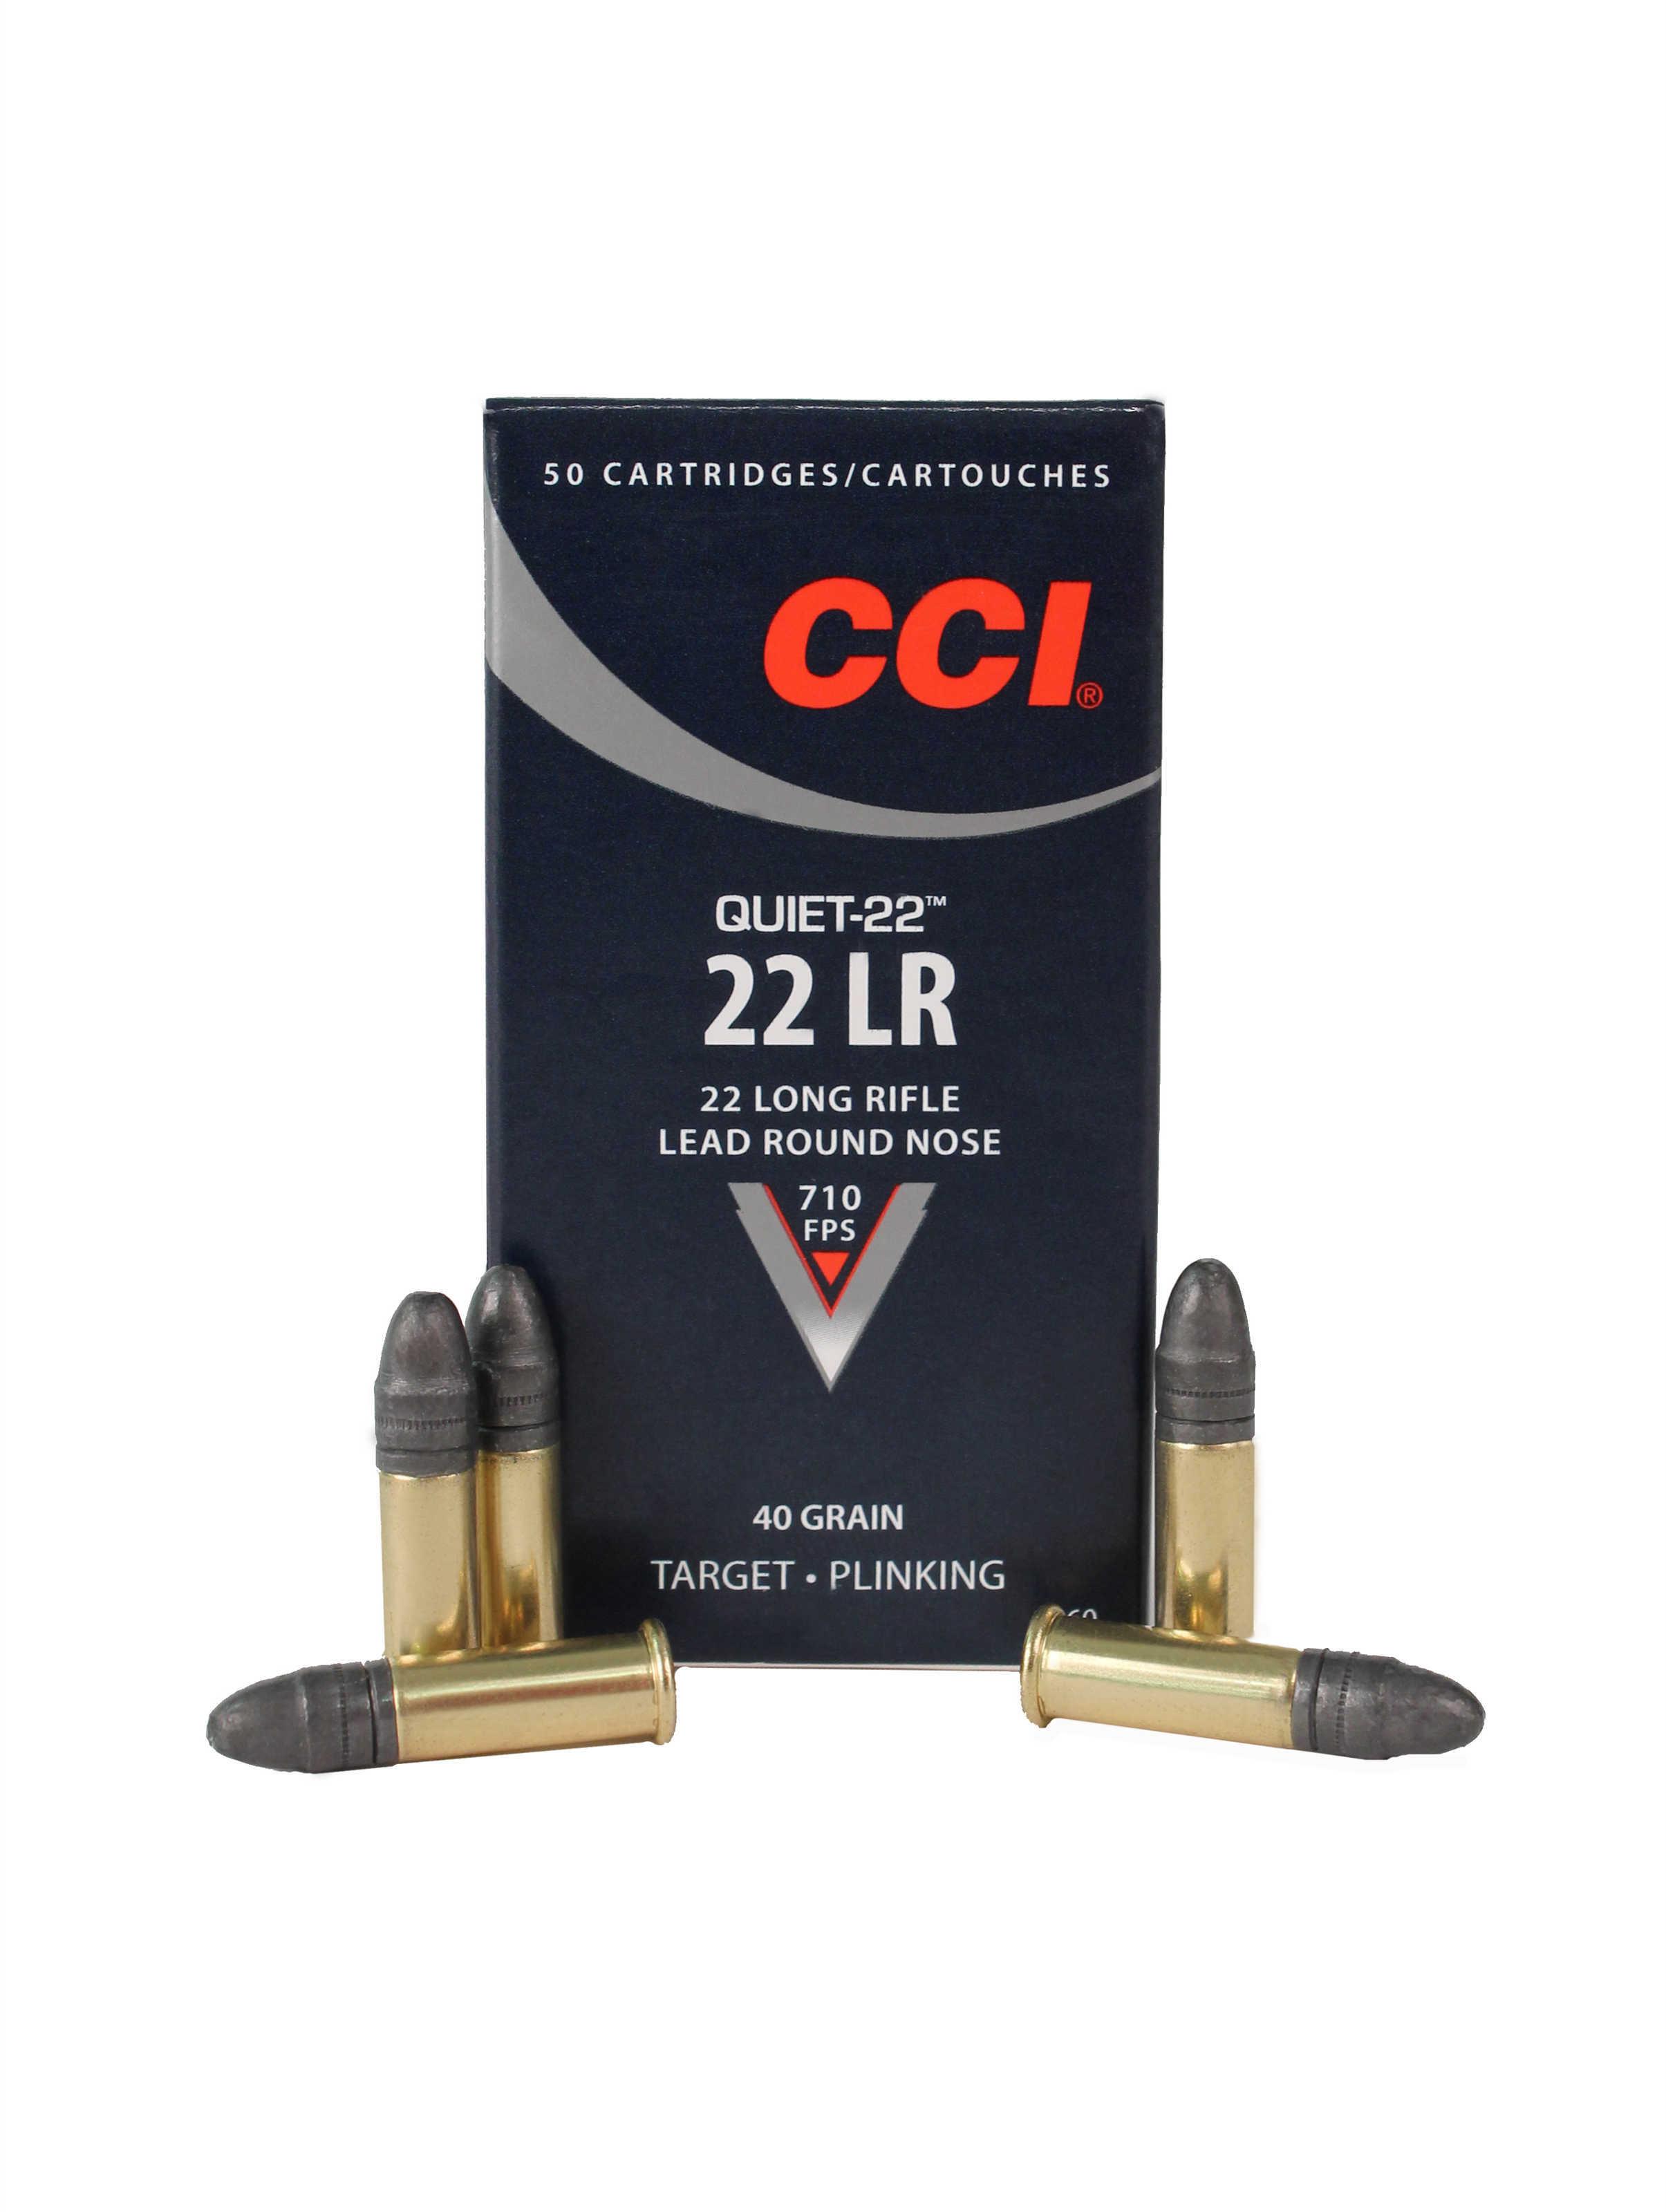 CCI 22 LR 40 Grain Quiet Per 50